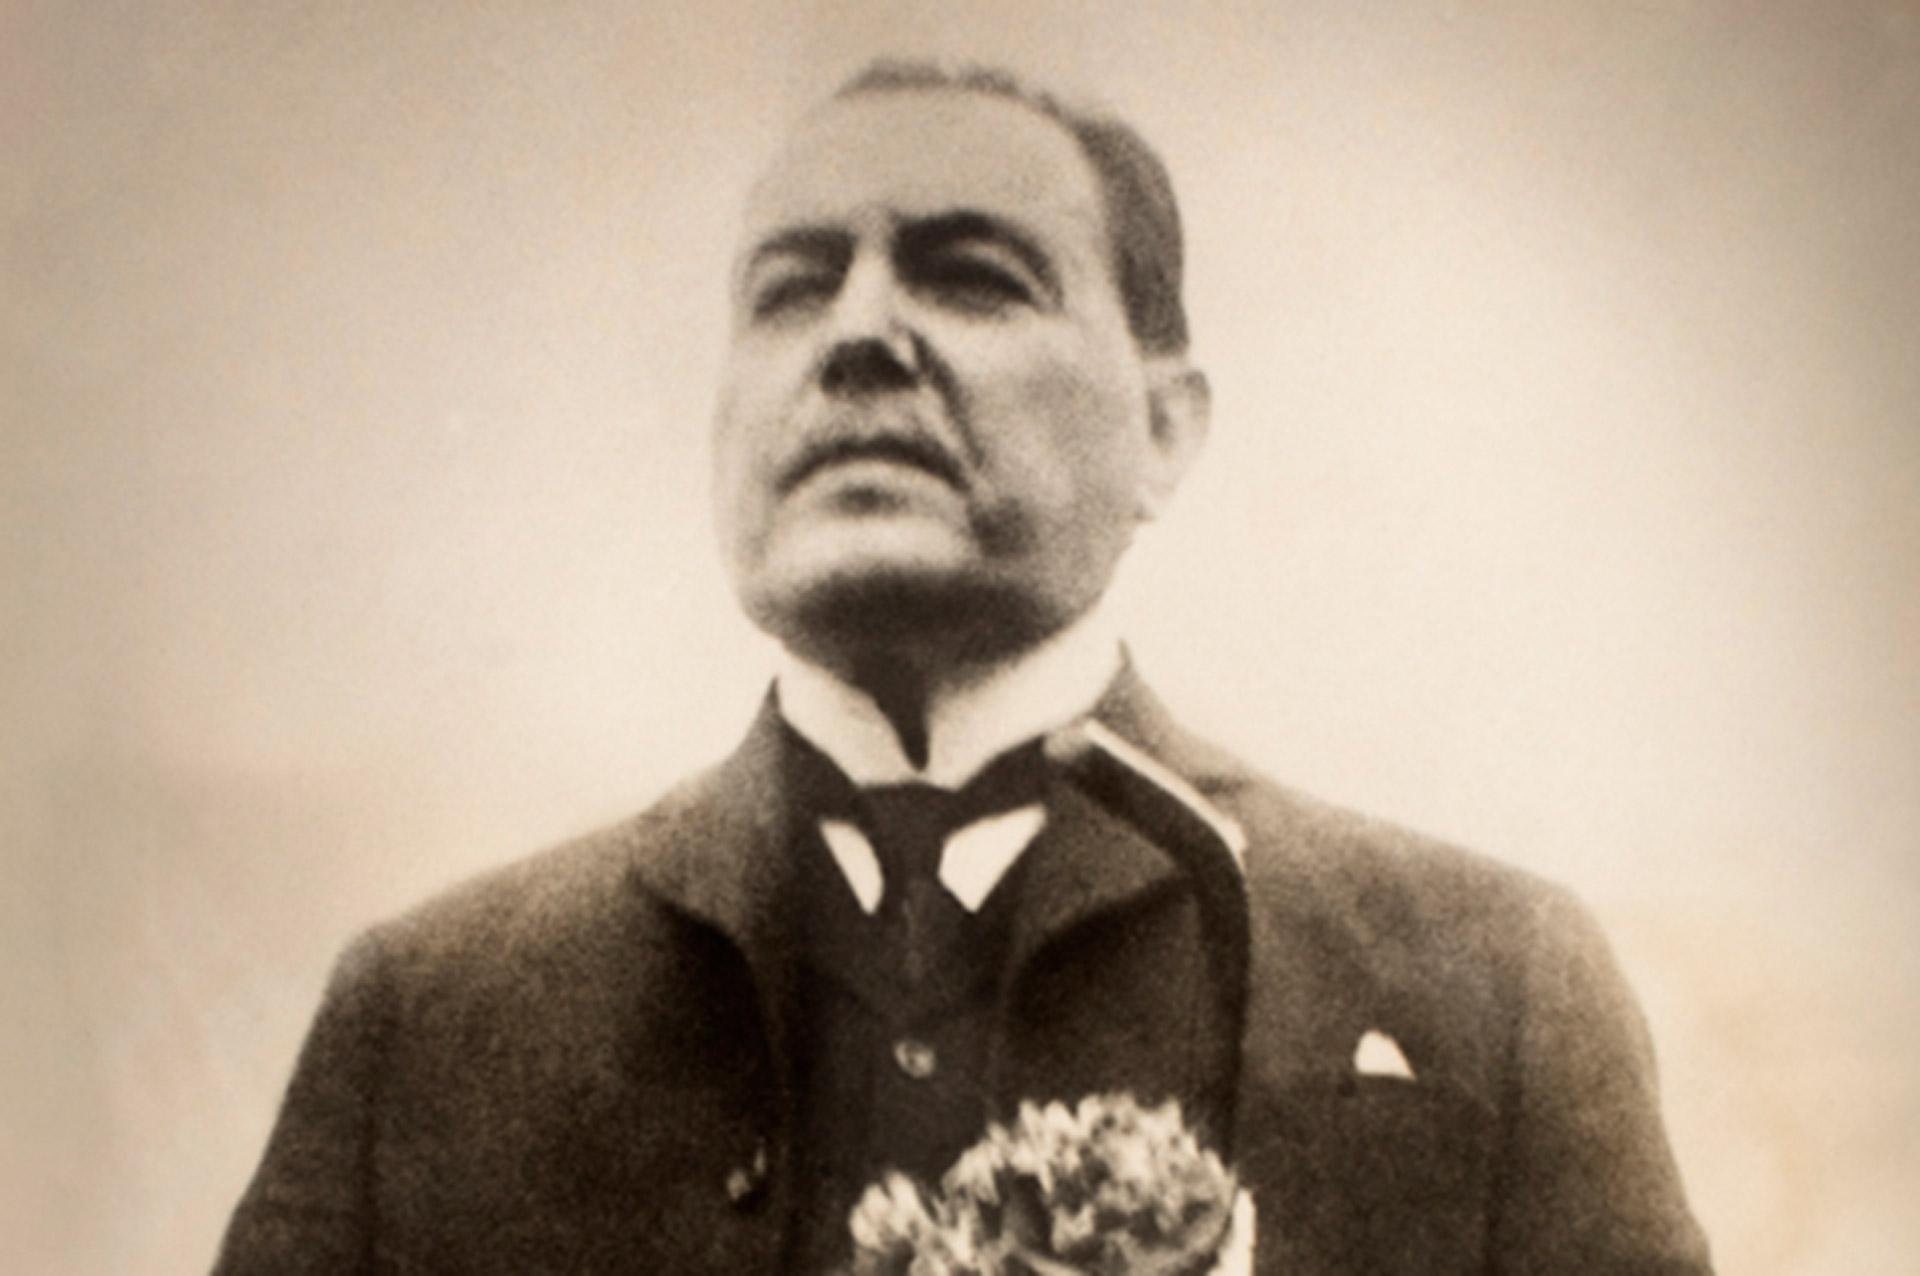 Hipólito Yrigoyen le dijo a sus partidarios que ganarían por 30.000 votos las elecciones de 1931. Sus interlocutores pensaron que tenía sus facultades mentales alteradas. Semejante vaticinio jamás podría cumplirse. Y de verdad, se equivocó: ganaron por 31.000 votos